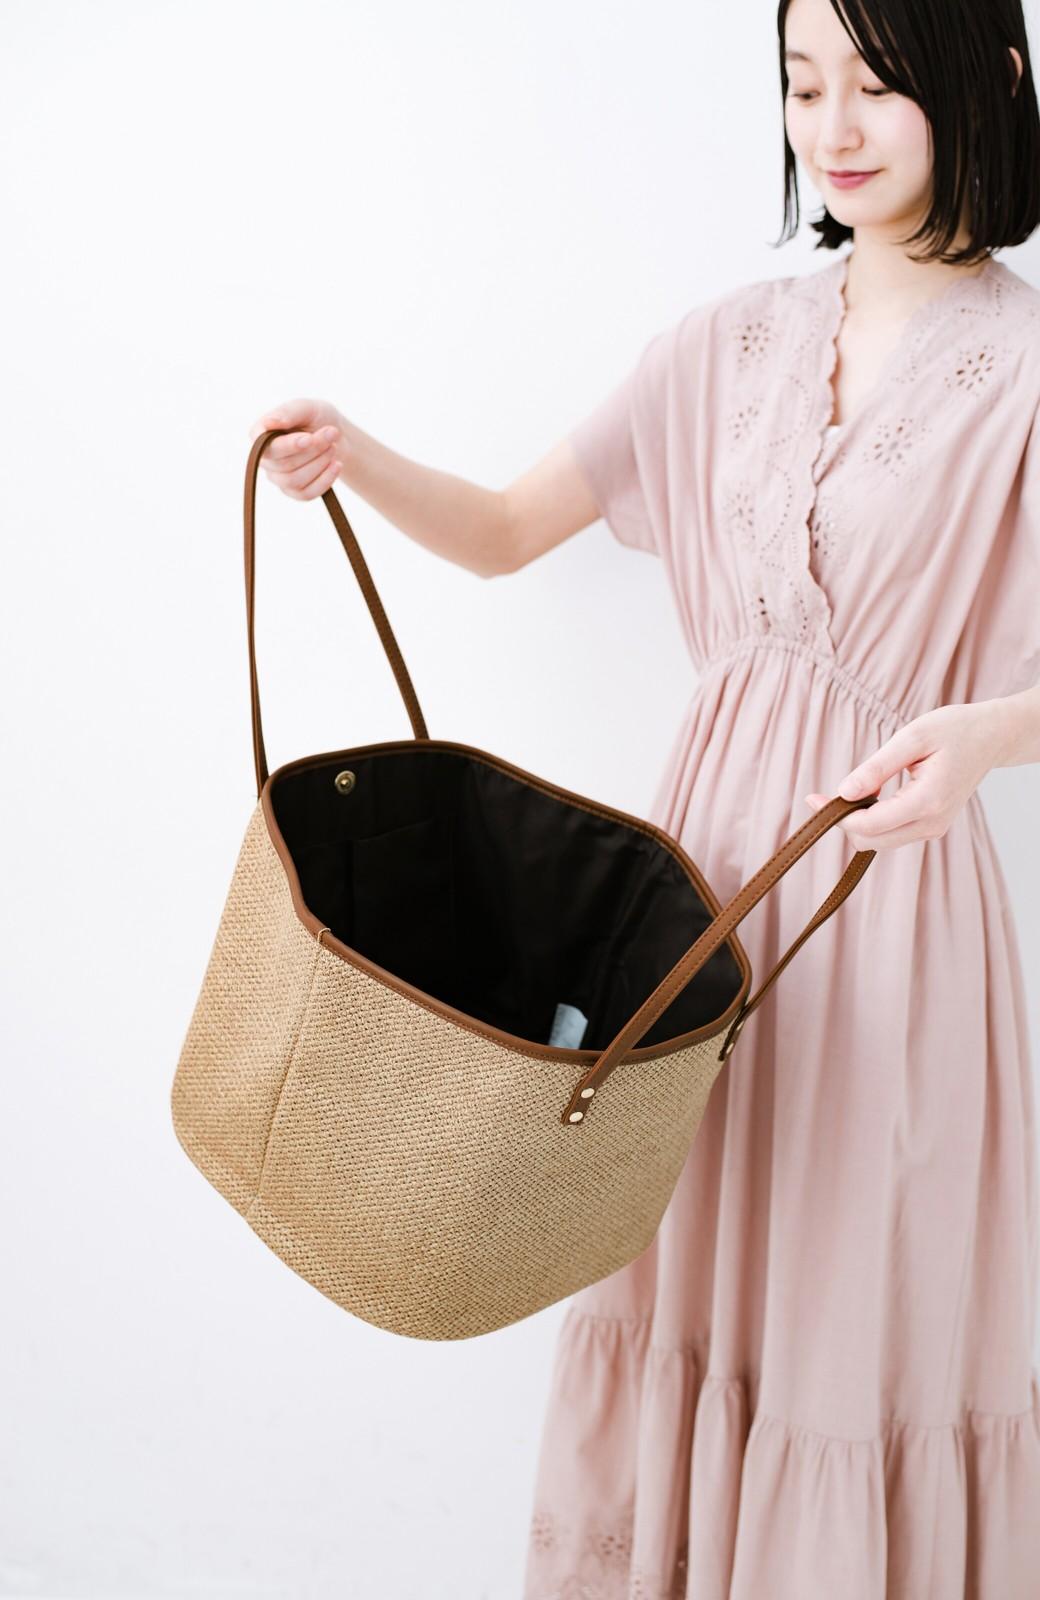 haco! ピクニックにも毎日のおともにも ざっくり入って便利な大きめトートバッグ <ブラウン>の商品写真7